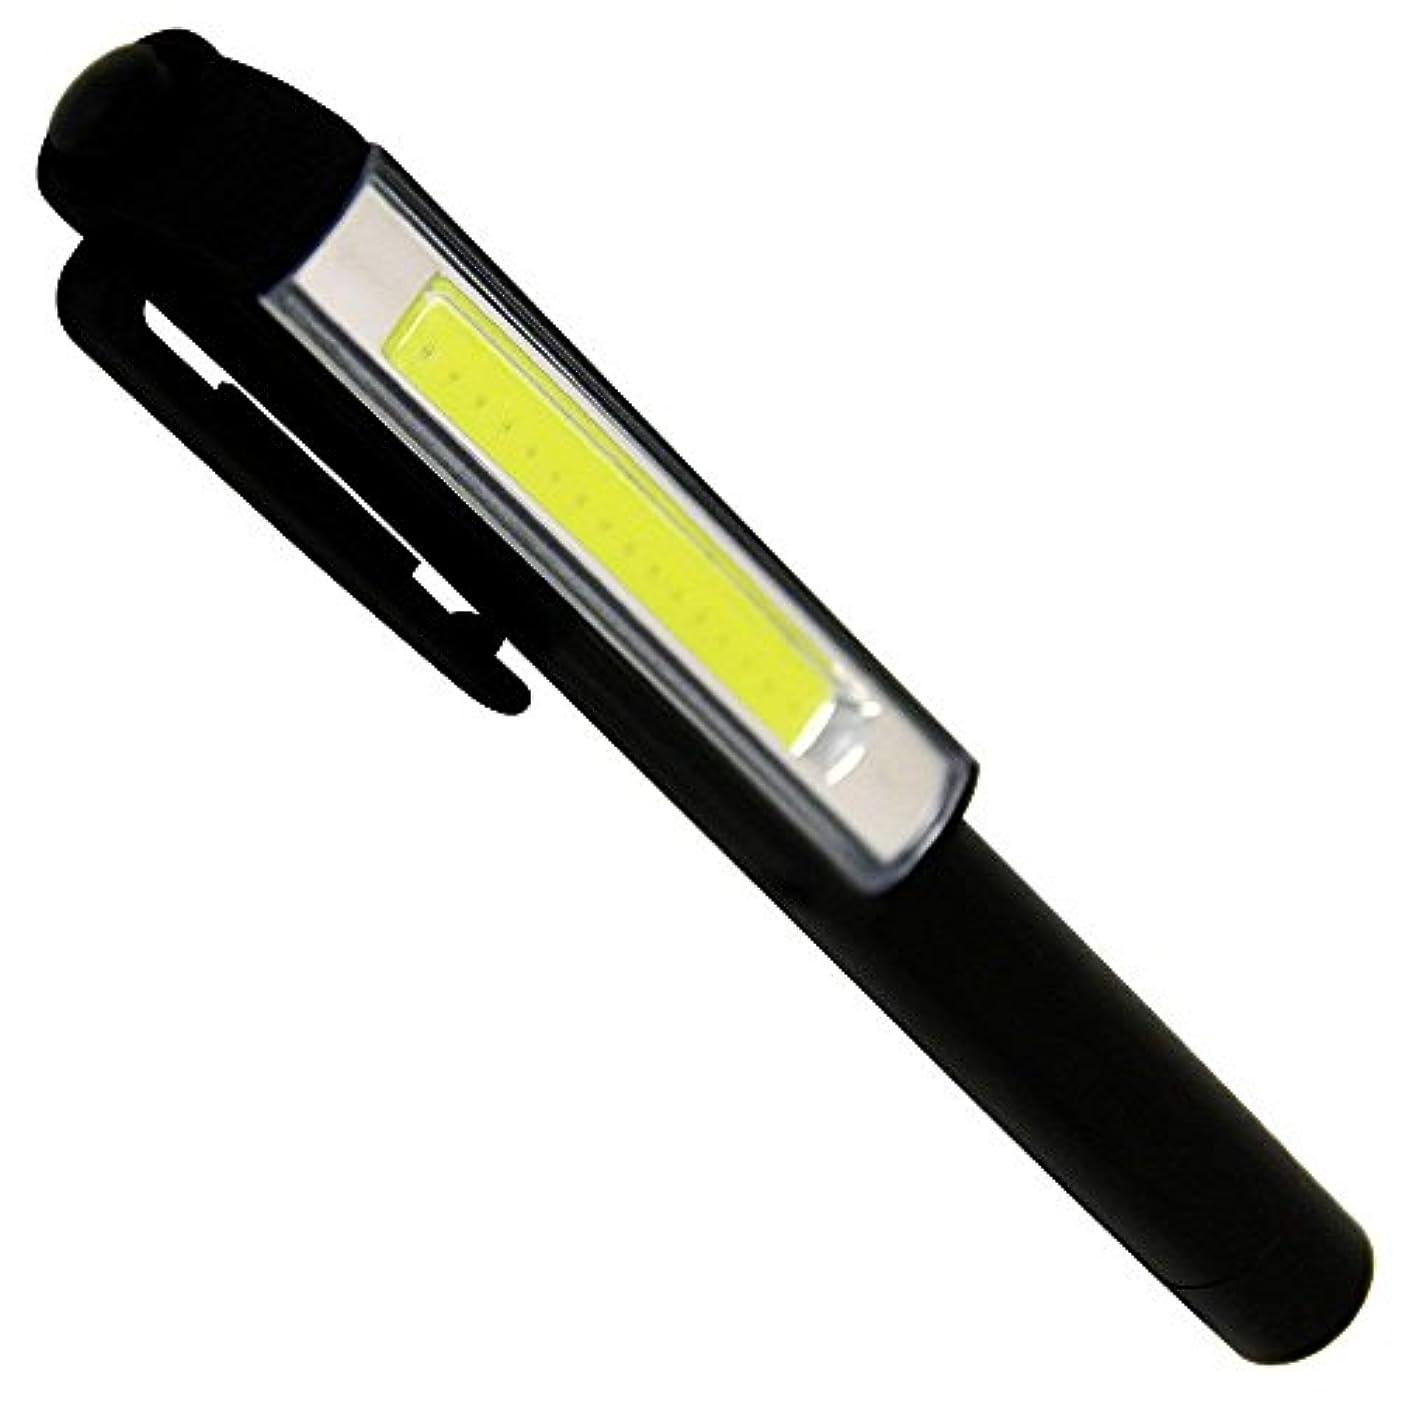 満足アレルギー無人WEIMALL 2個セット LED ハンディライト 懐中電灯 COB ライト クリップ ペンライト ワークライト マグネット付